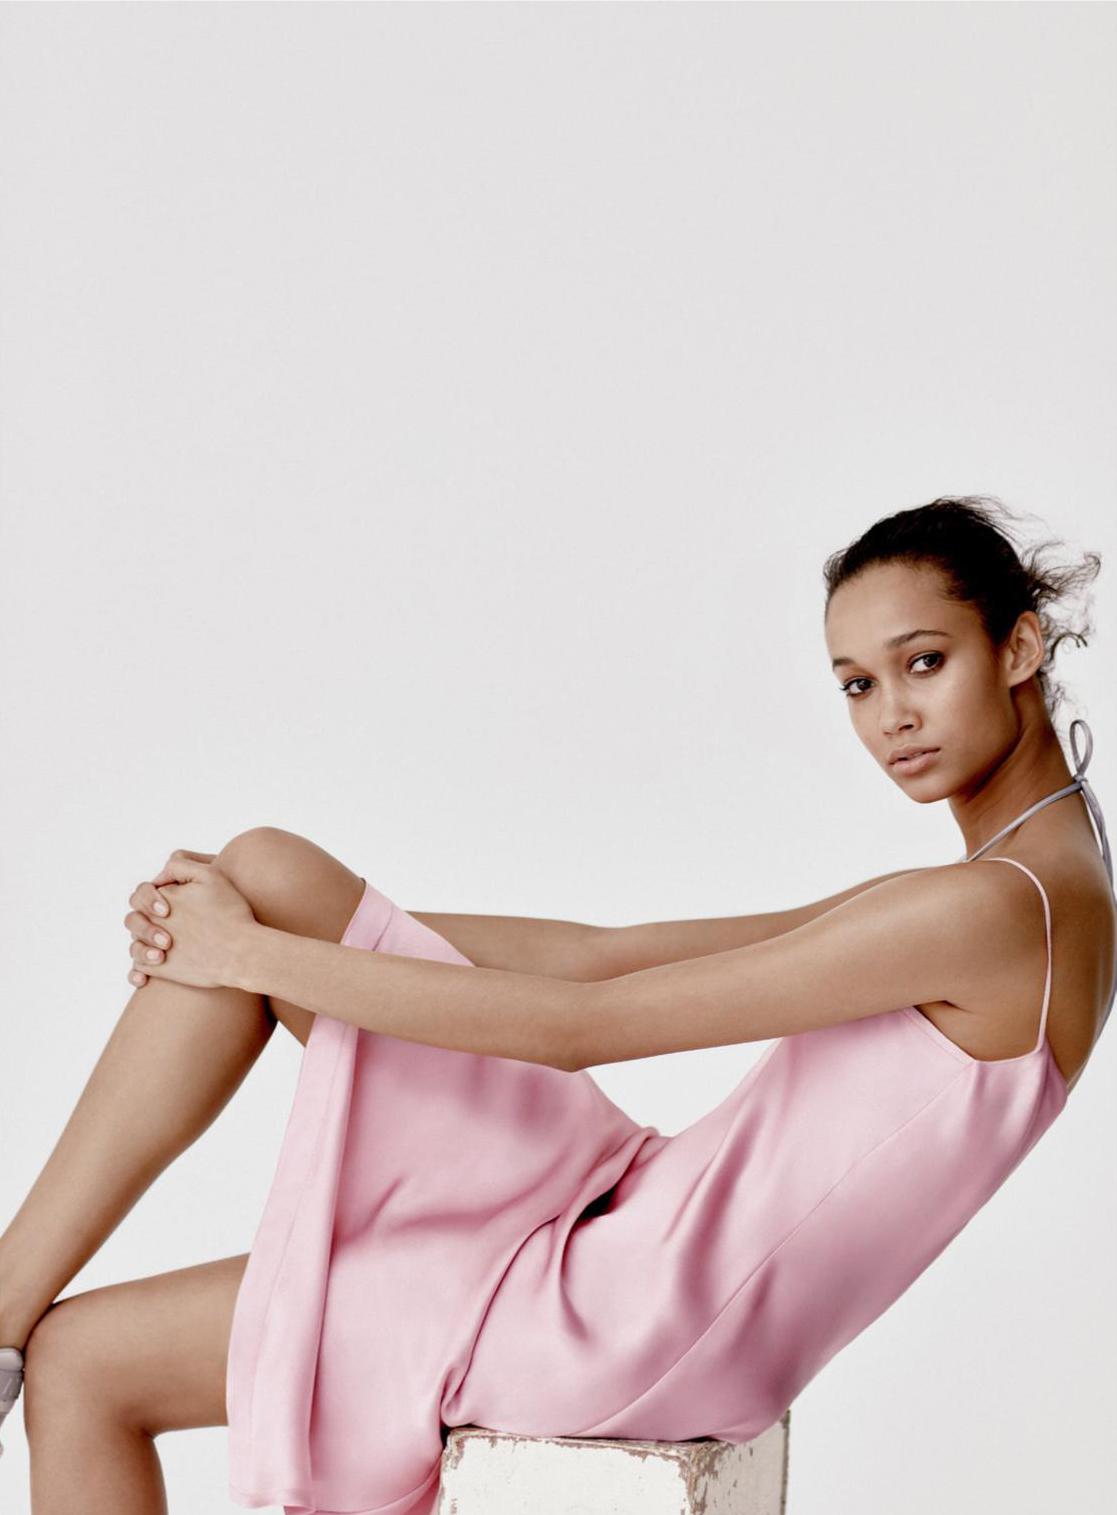 2017 05 kayla autumn ward legs - Wallette Watson In Vogue Uk May 2017 By Luca Khouri